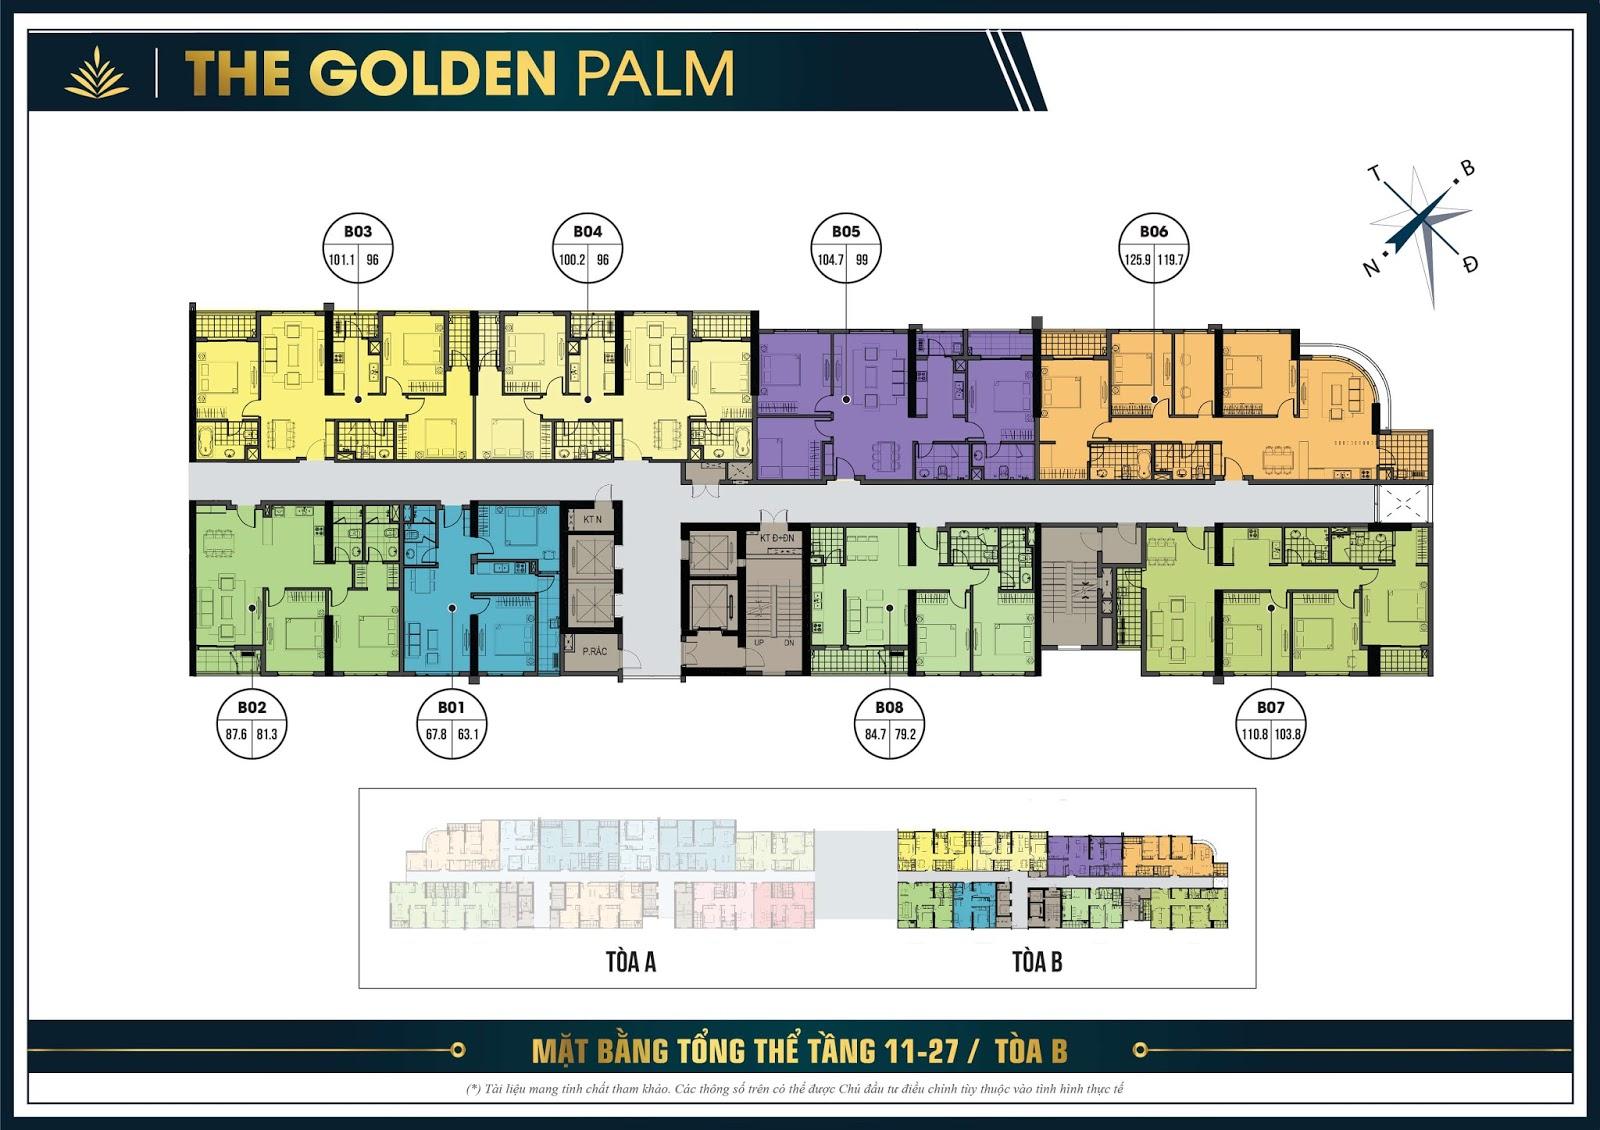 Mặt bằng điển hình tầng 11 đến 27 tòa B - The Golden Palm